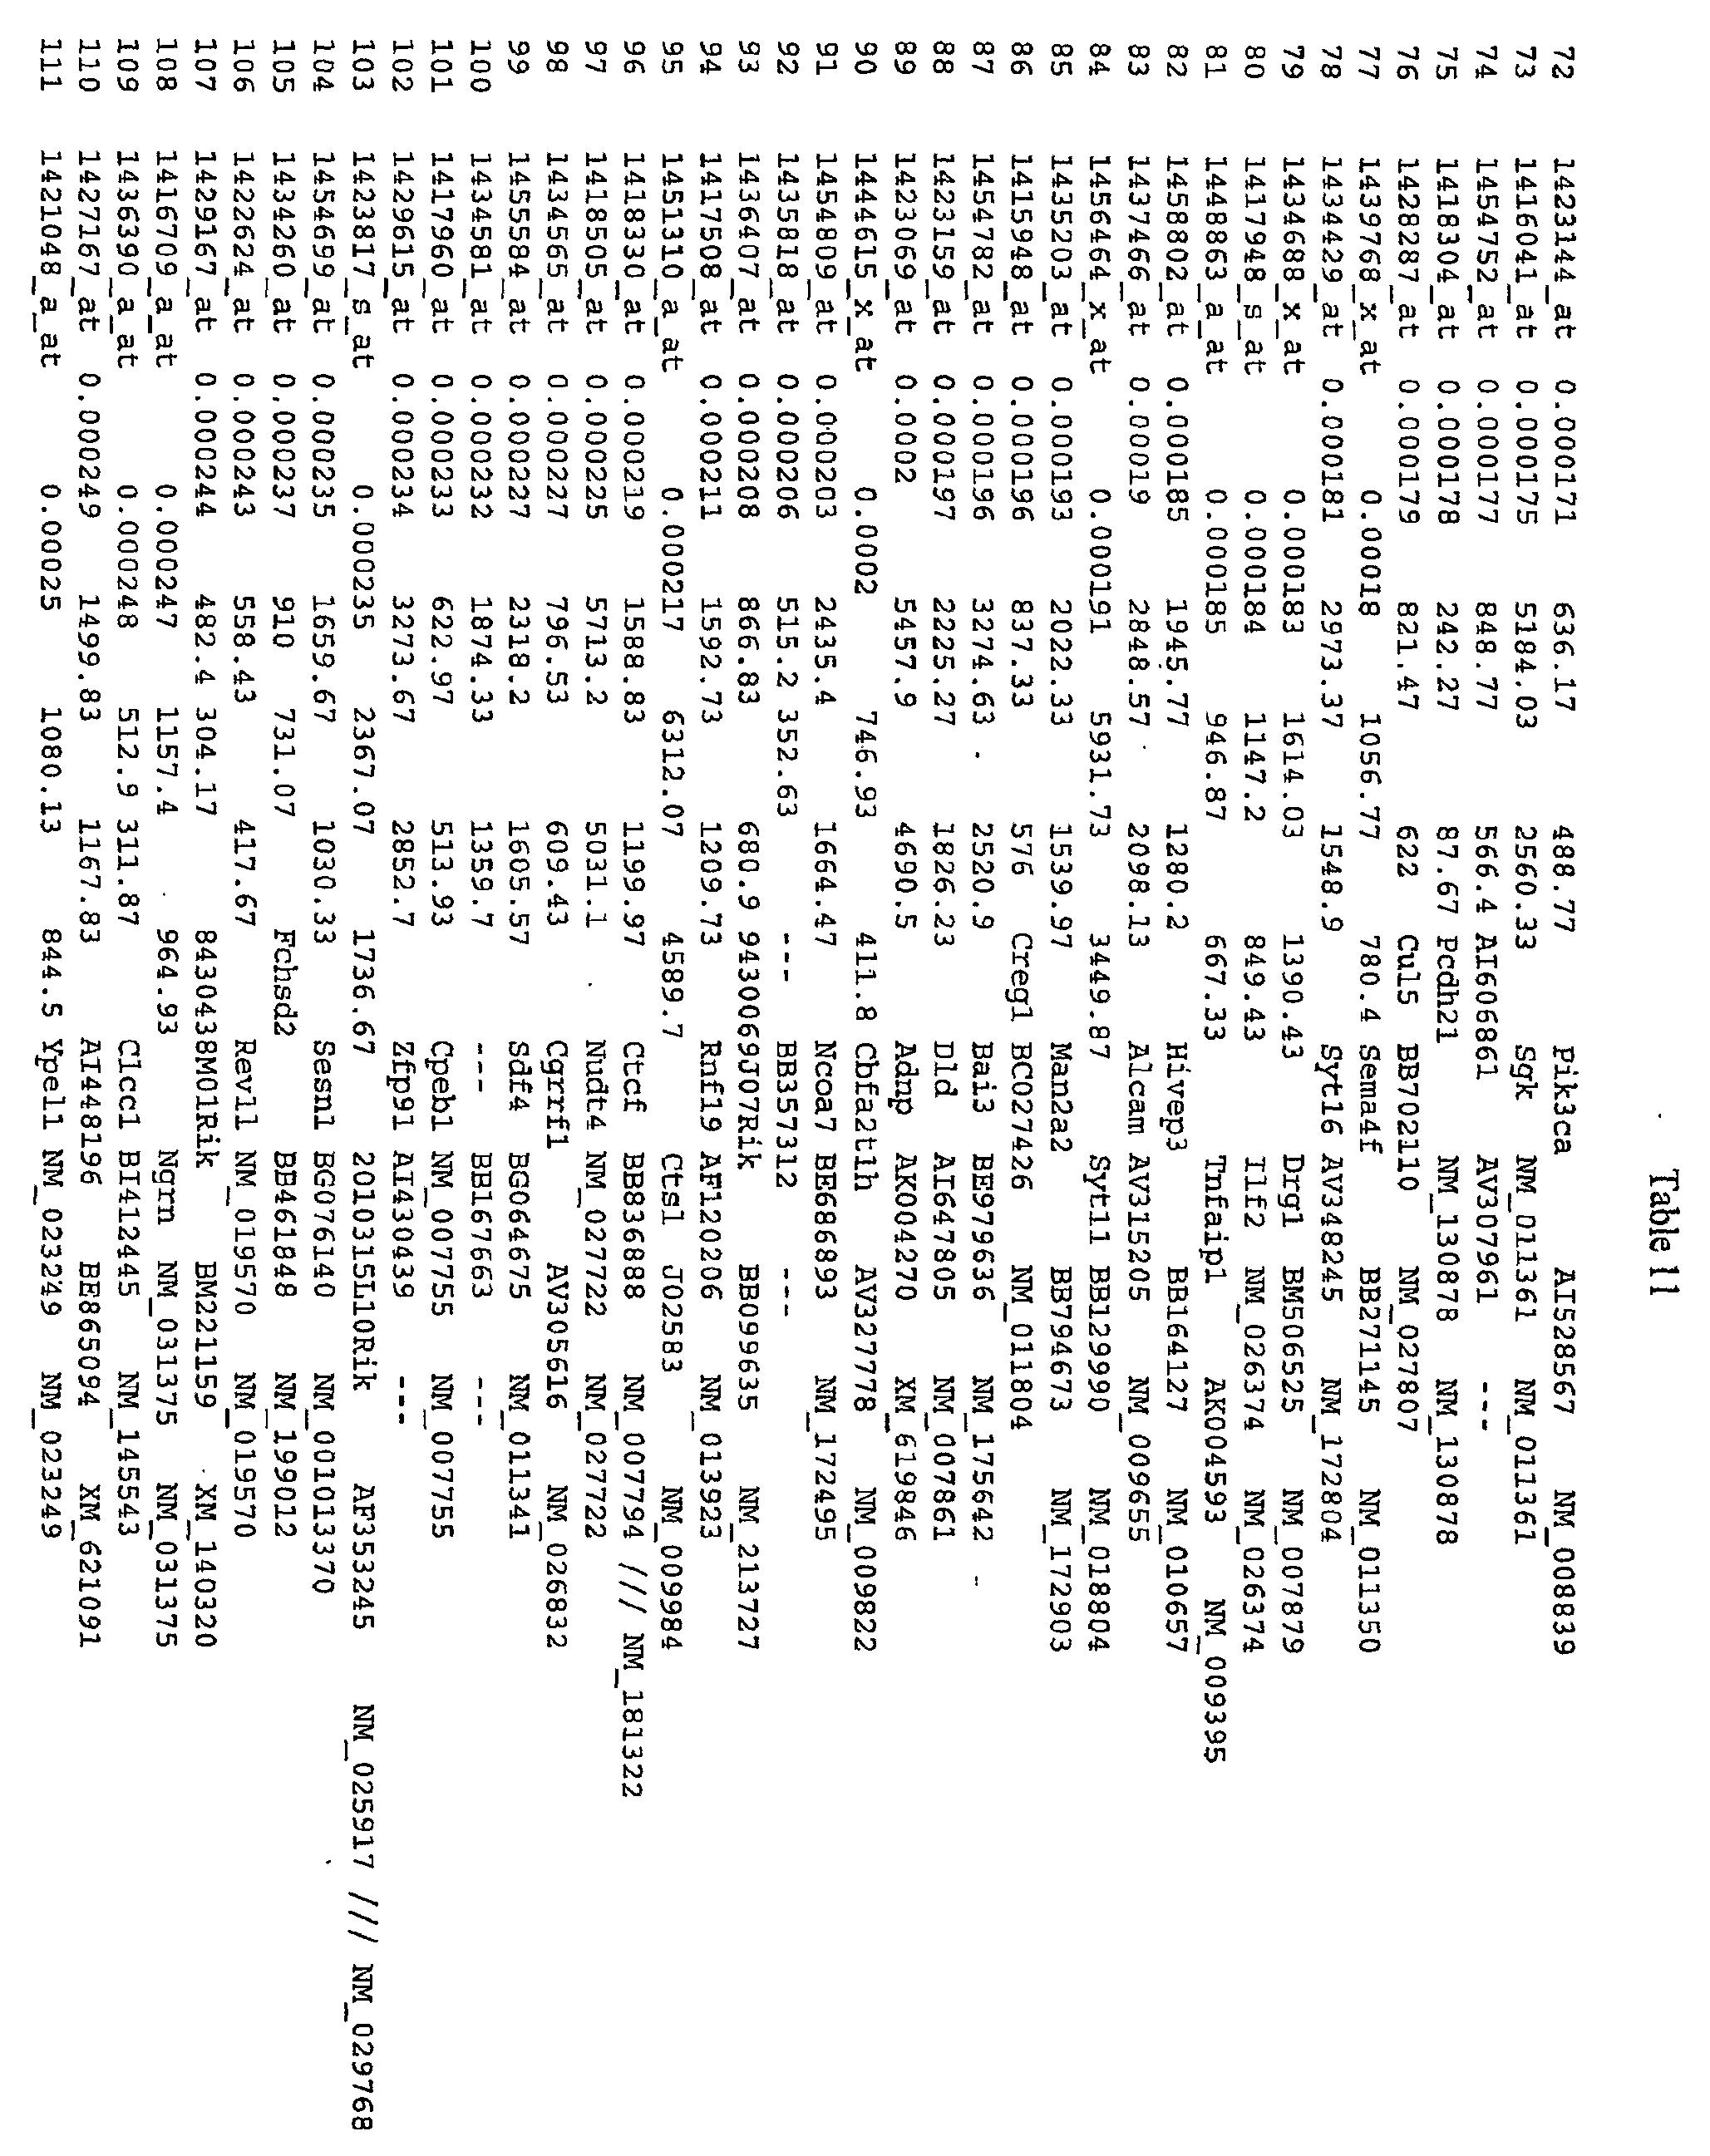 Figure imgf000348_0001